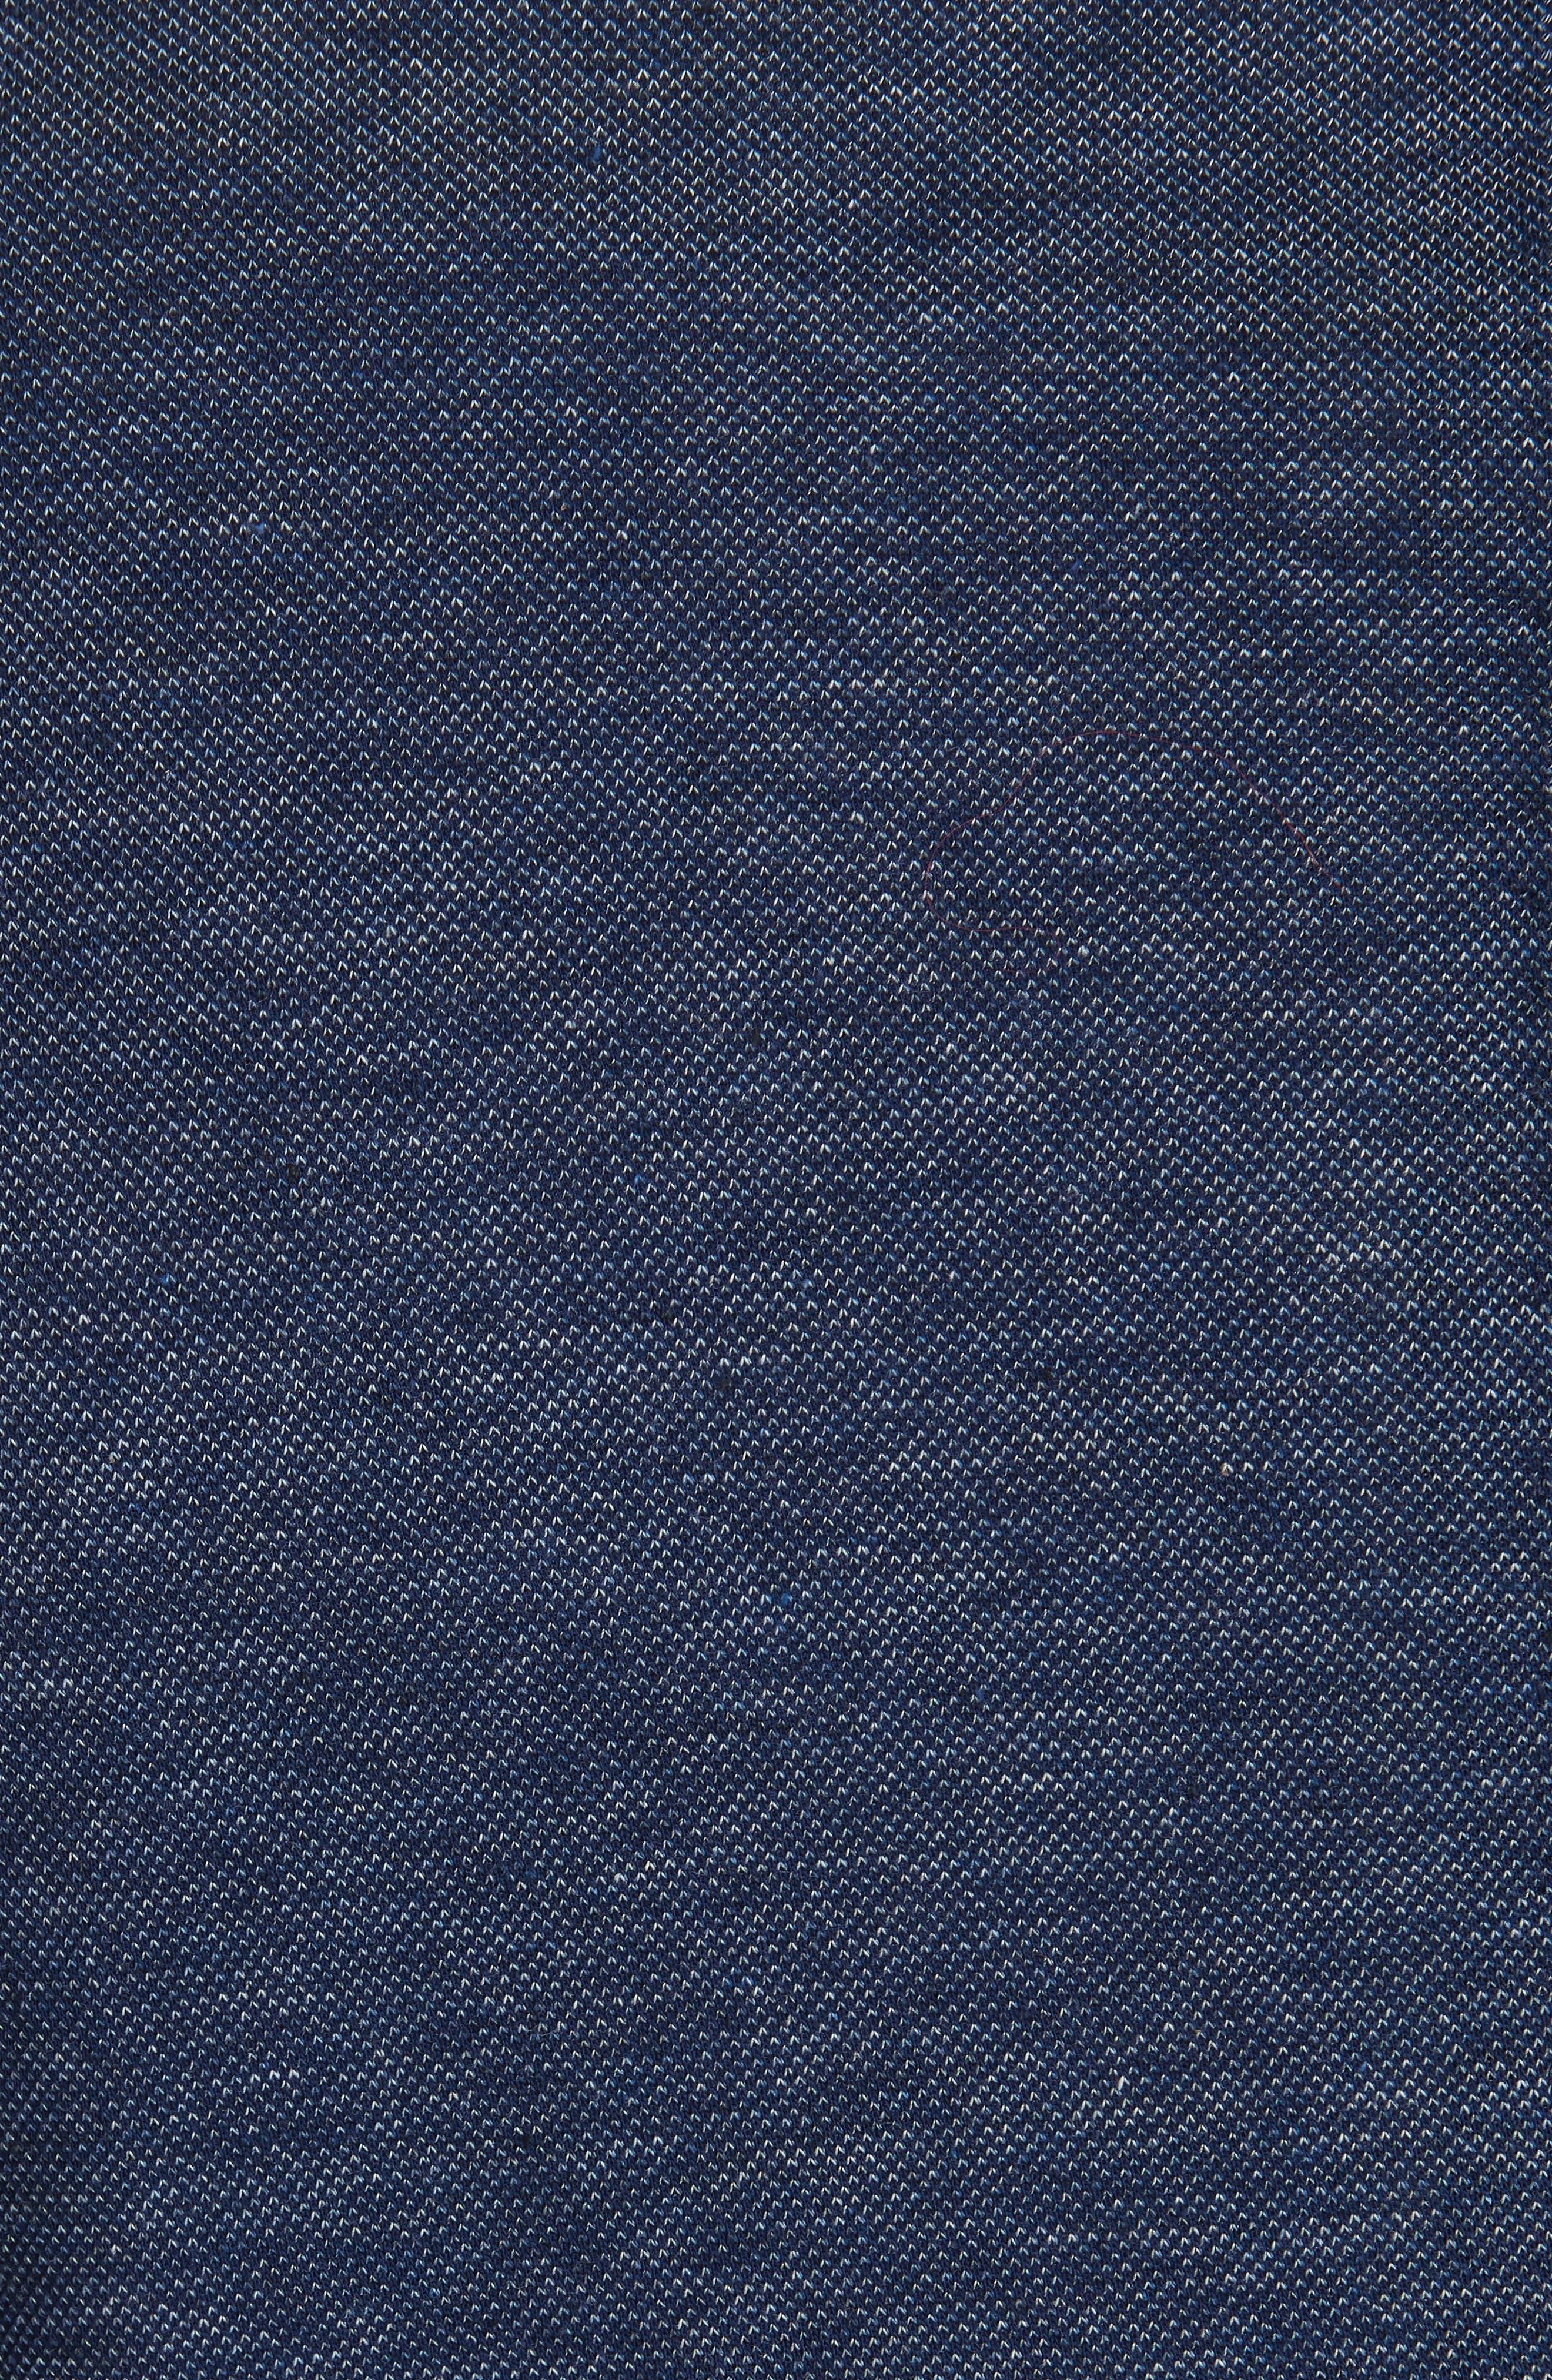 Slim Fit Cotton Blazer,                             Alternate thumbnail 6, color,